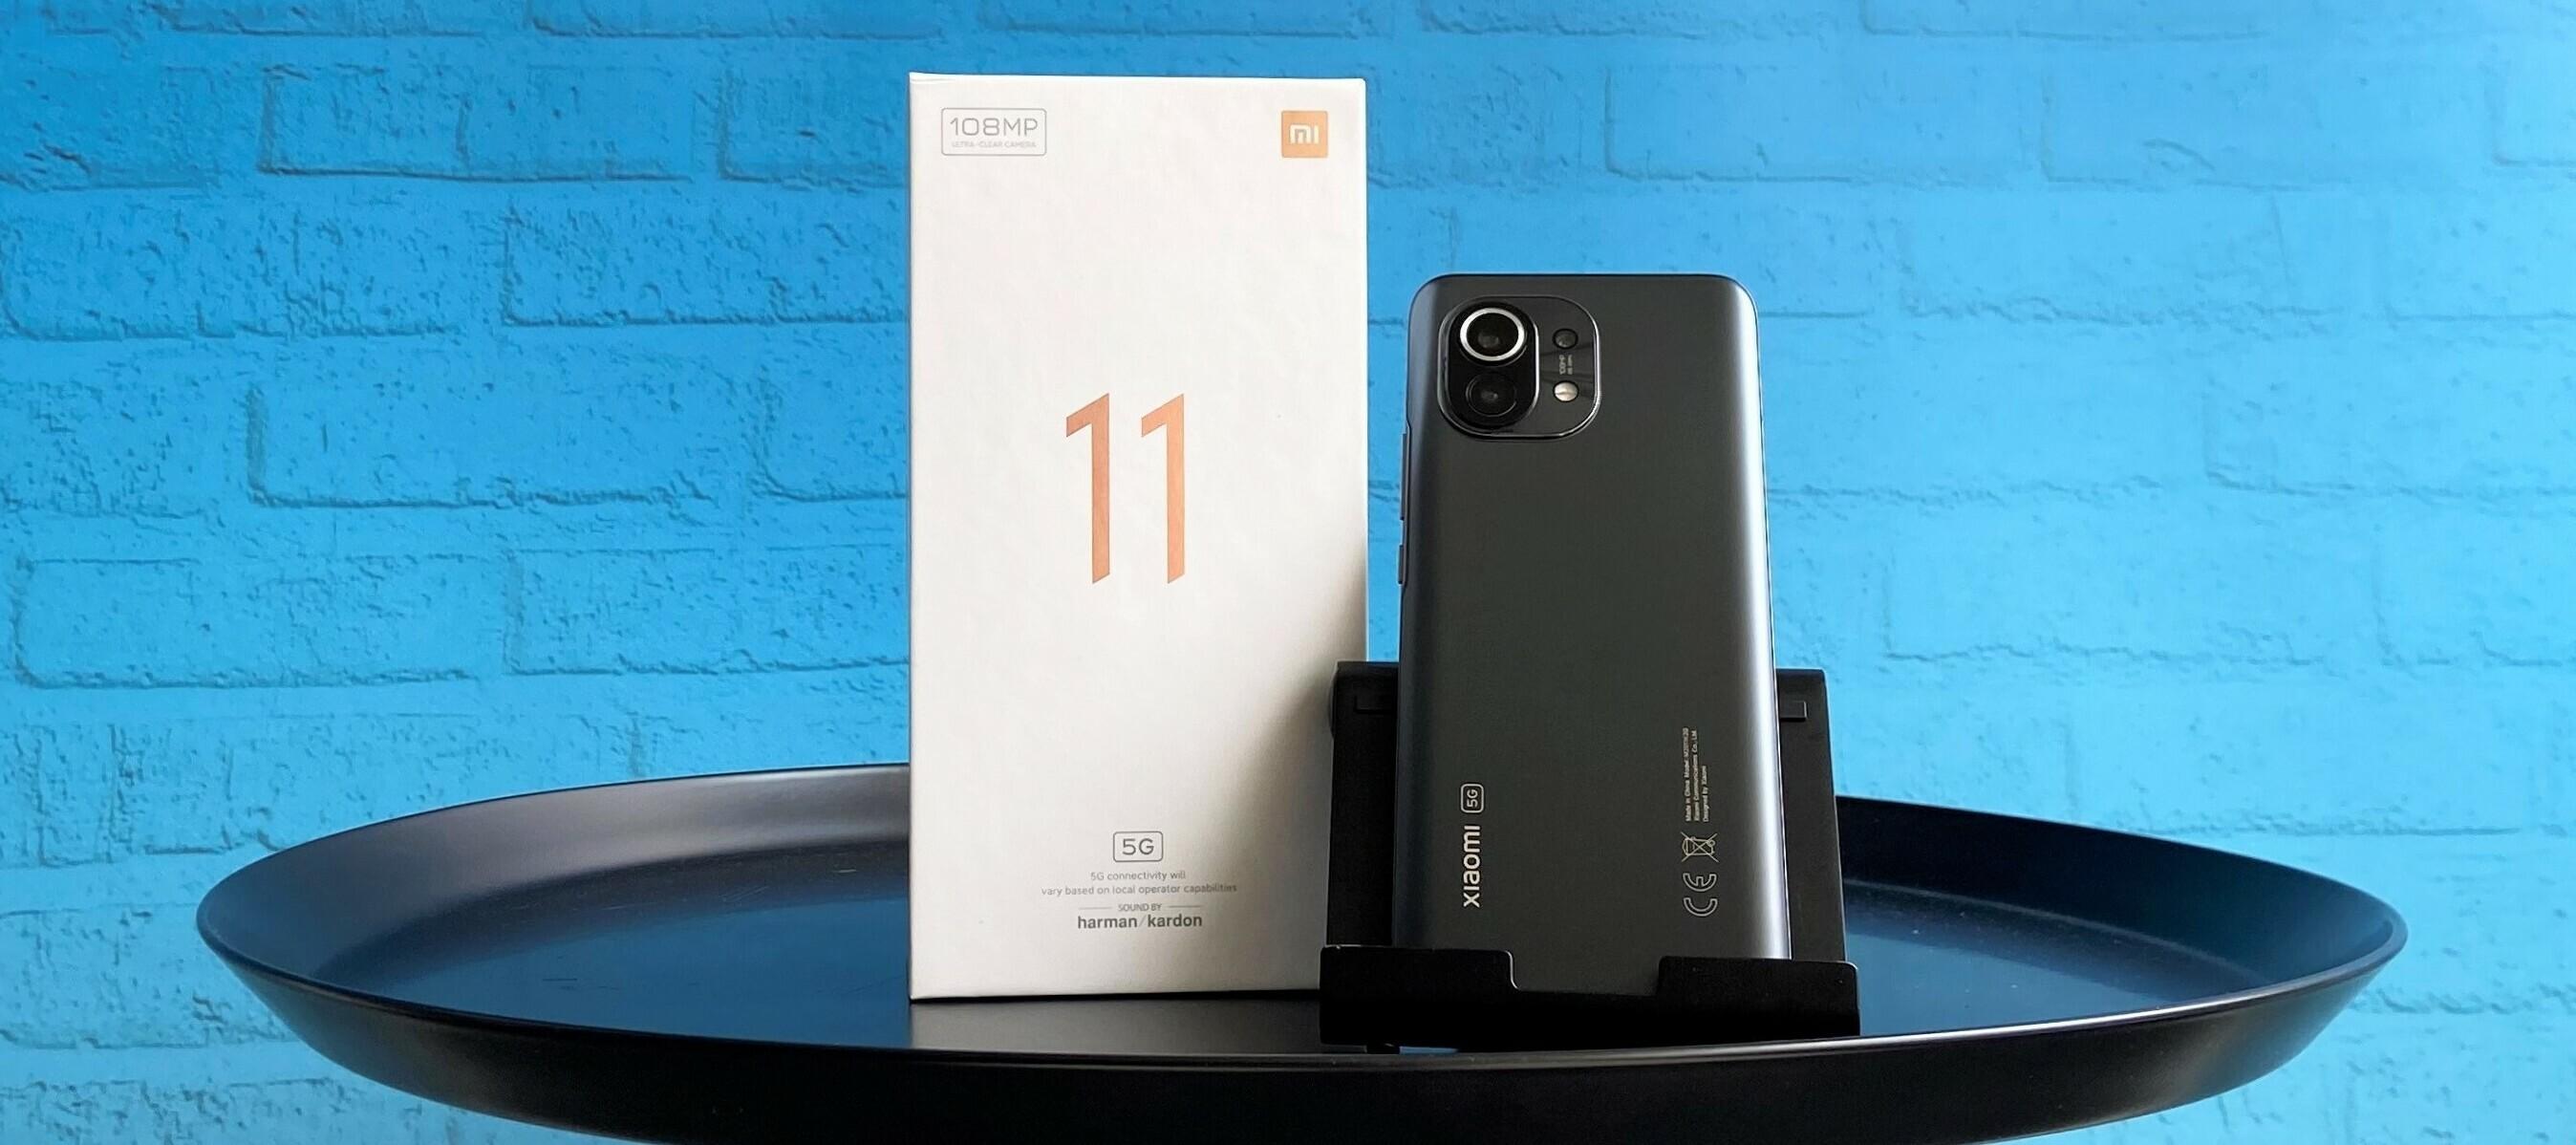 Werde jetzt Tester:in und starte mit dem exklusiven Xiaomi Mi 11 5G durch